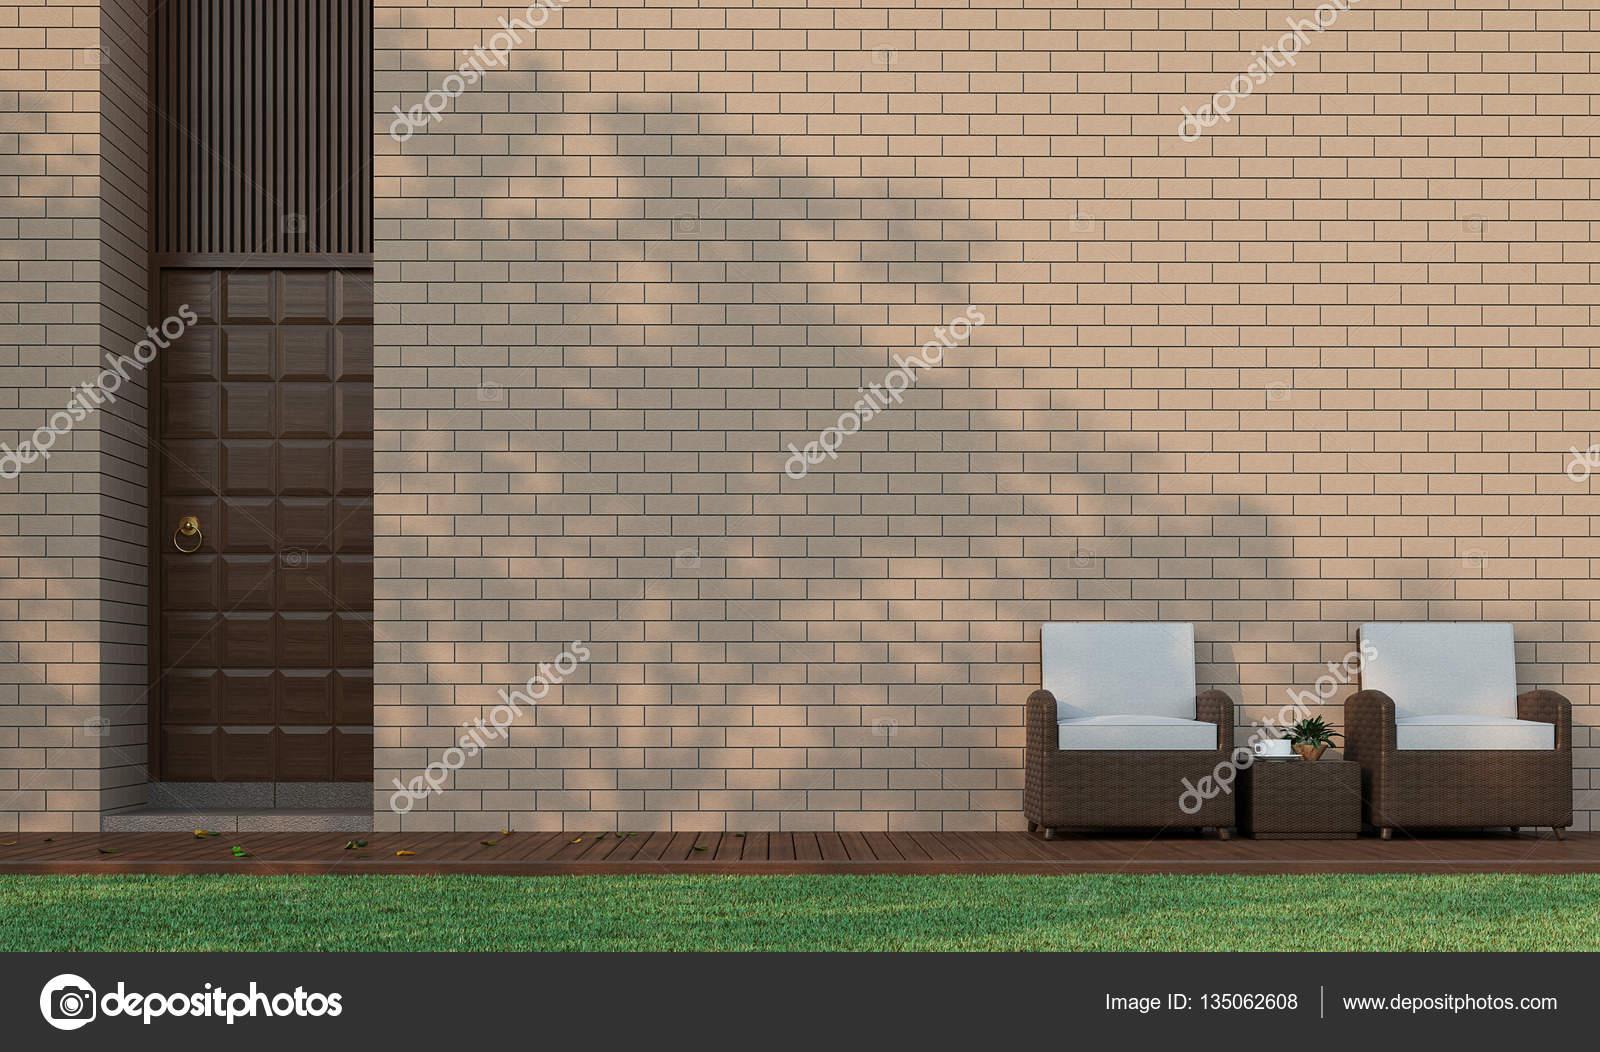 Costruzione moderna terrazza in giardino decorare la parete con mattoni immagine di Rendering 3d ...